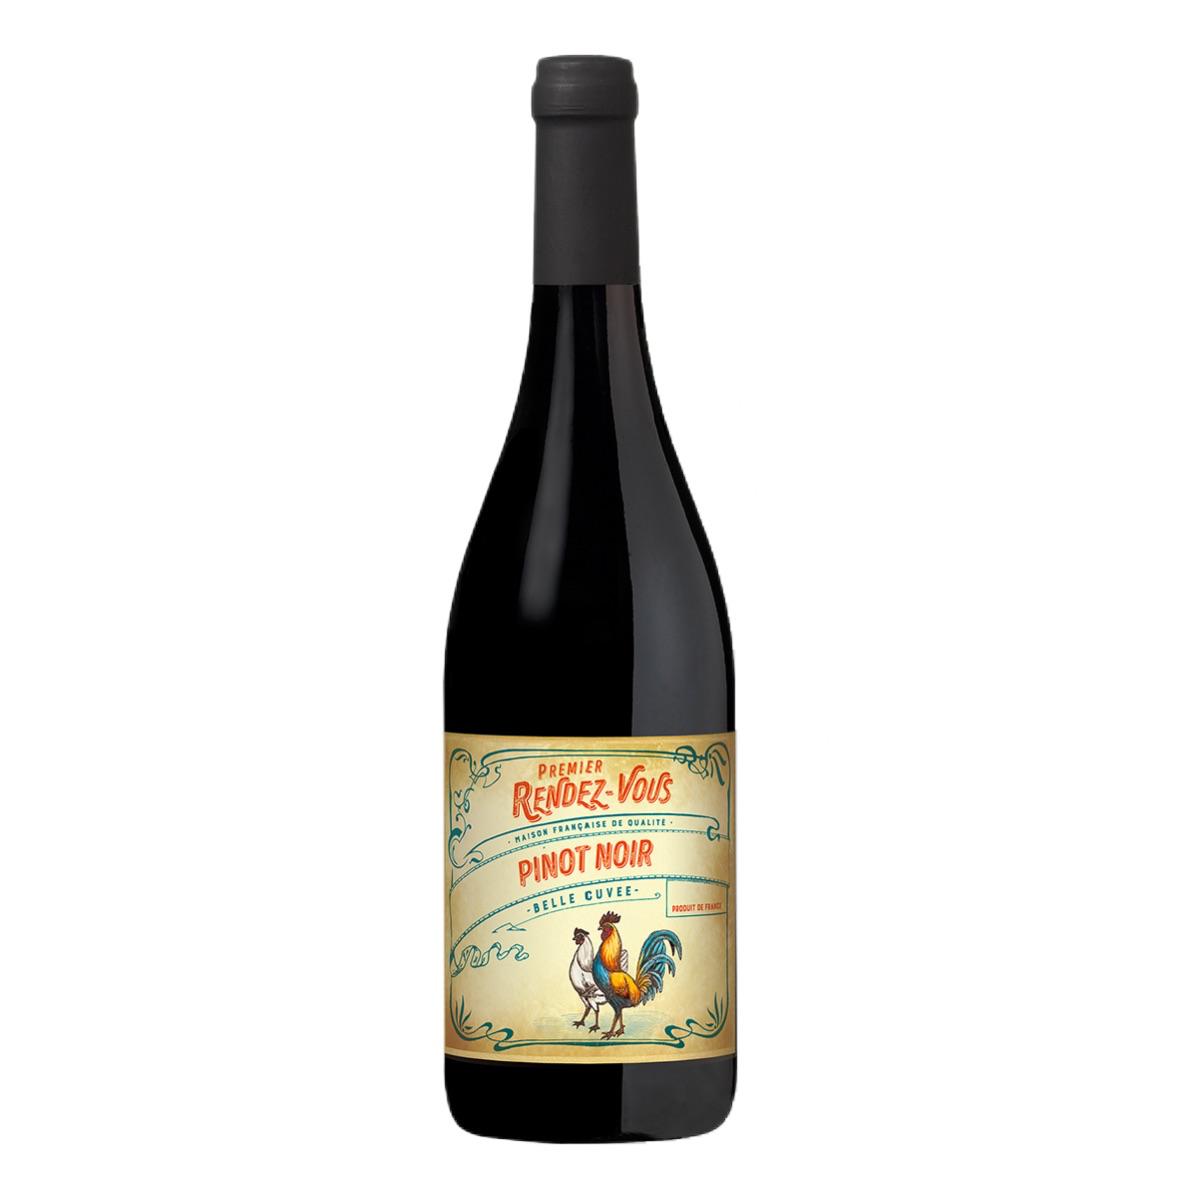 Premier Rendez-vous Pinot Noir